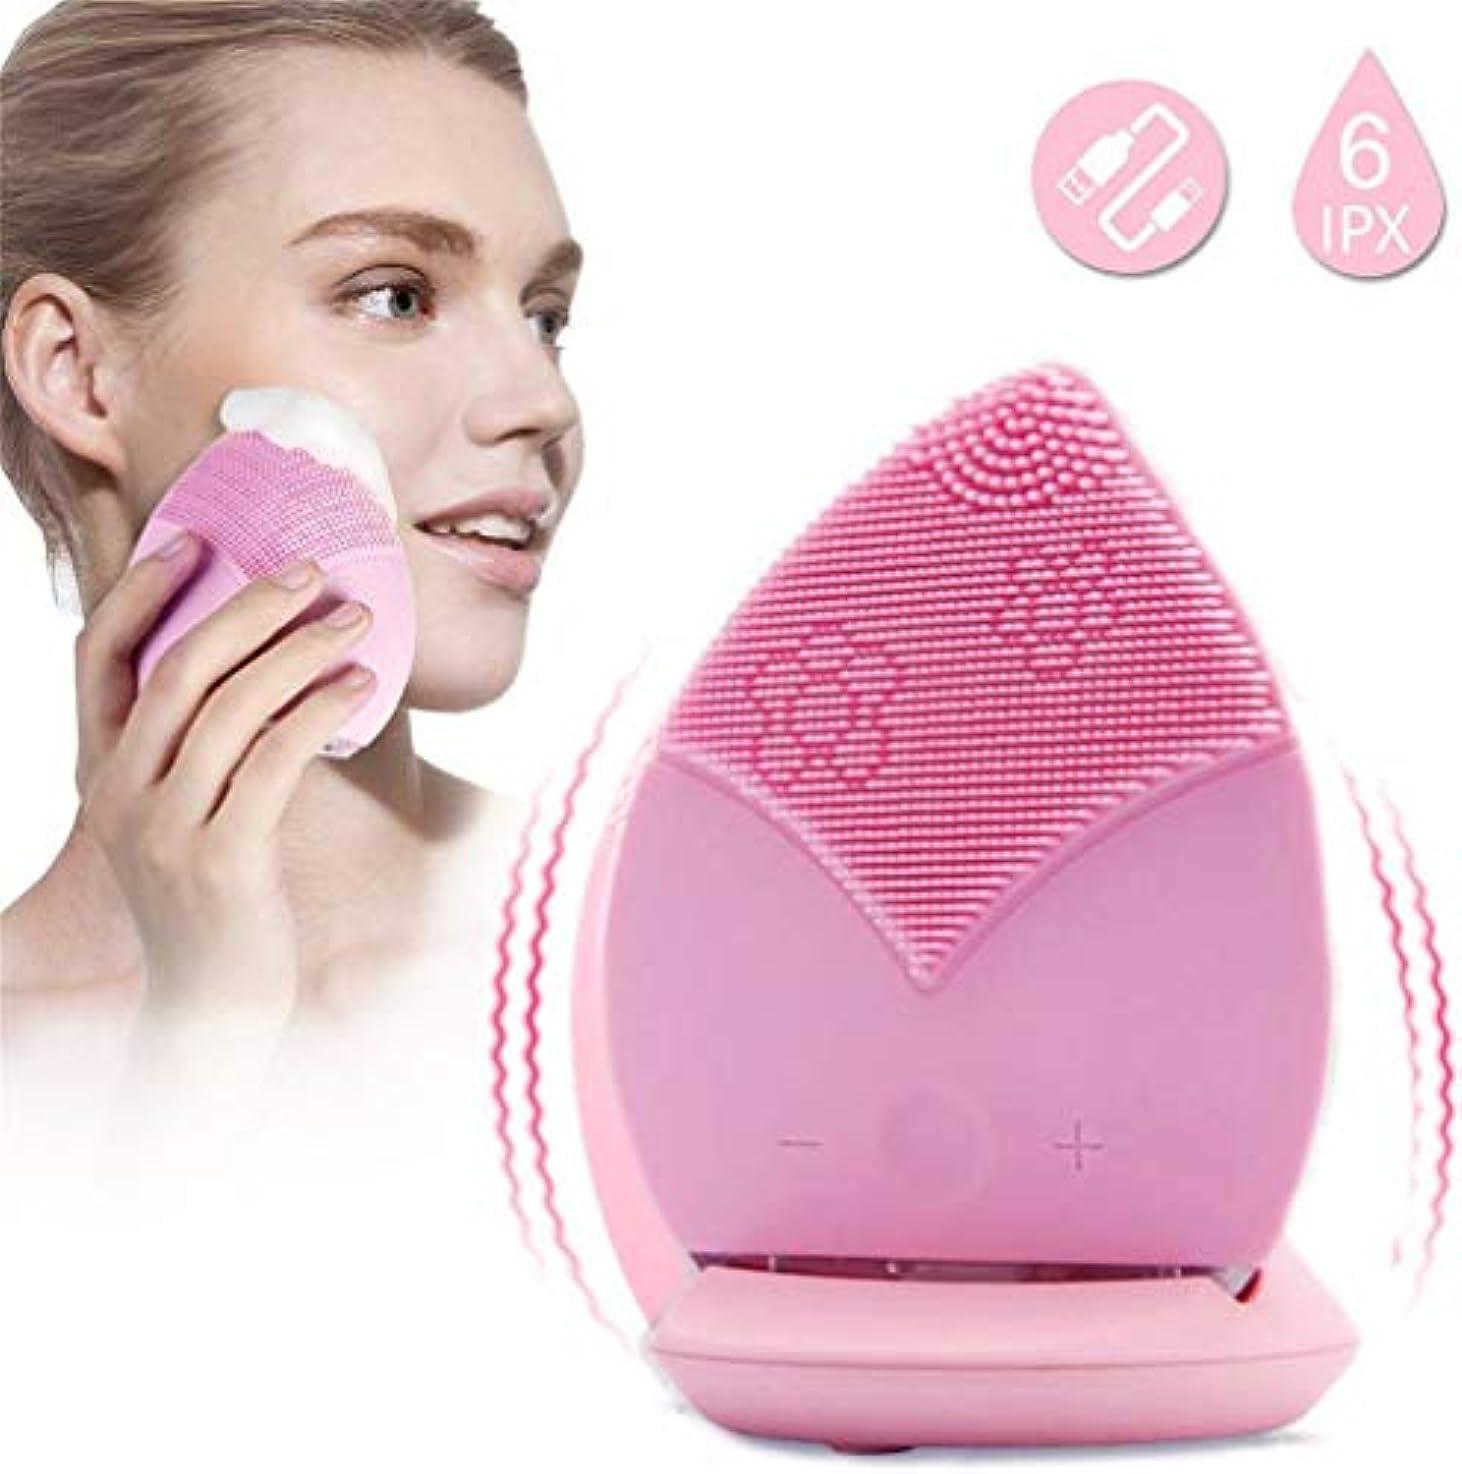 作る用心する理解するシリコン洗顔ブラシ、フェイスブラシクリーナー電気エクスフォリエイティングアンチエイジングアンチリンクルスキンクレンザーメイクの除去のための振動防水